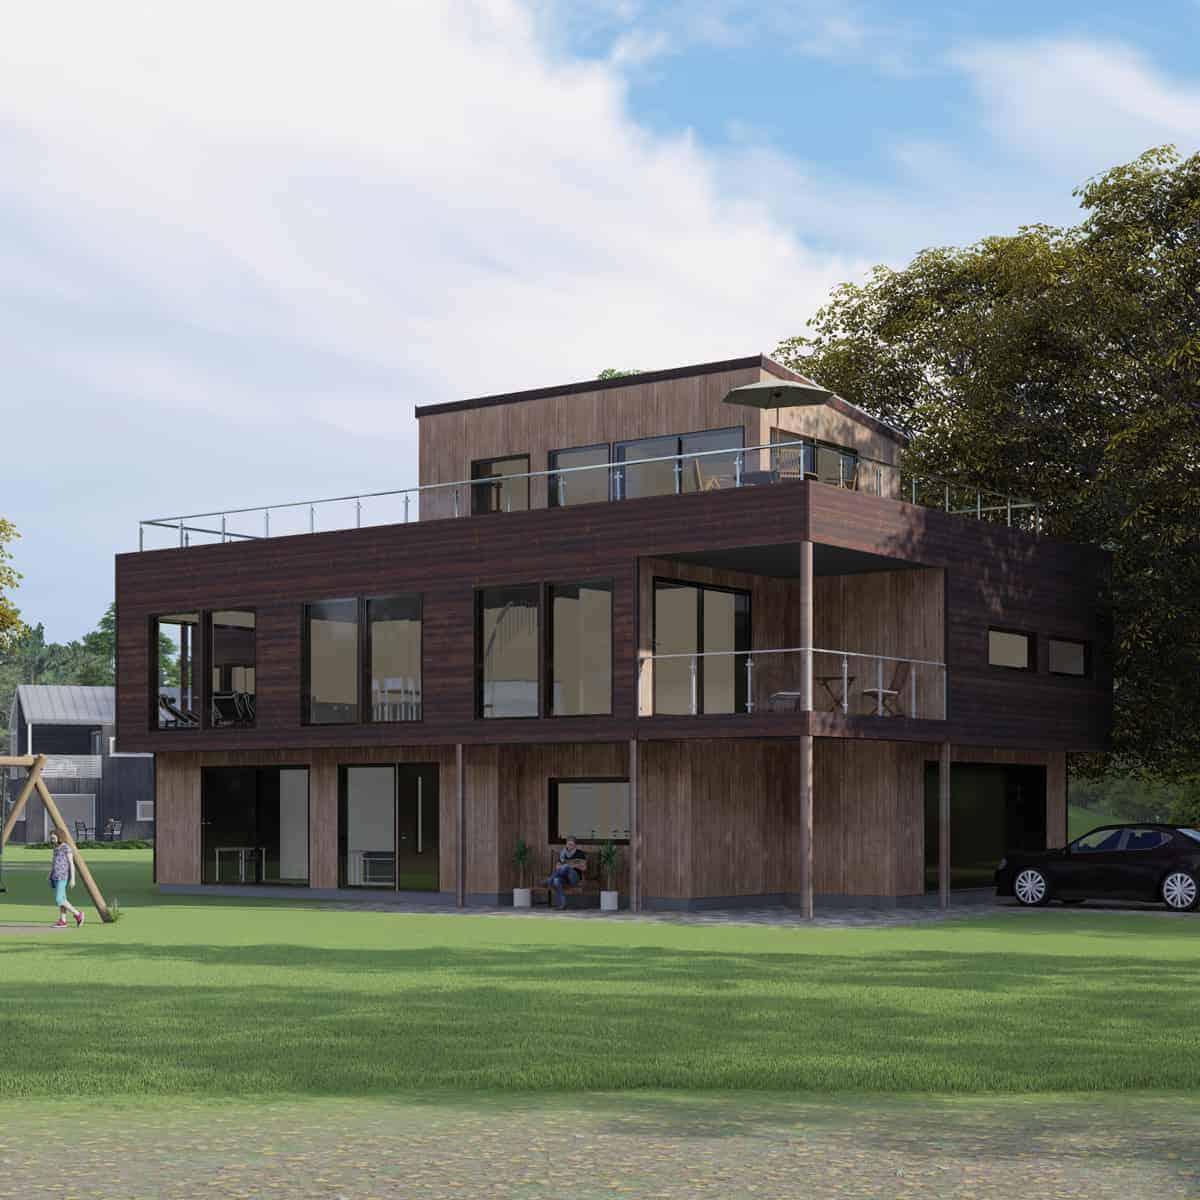 Enebolig i tre etasjer laget av arkitekt sandmark